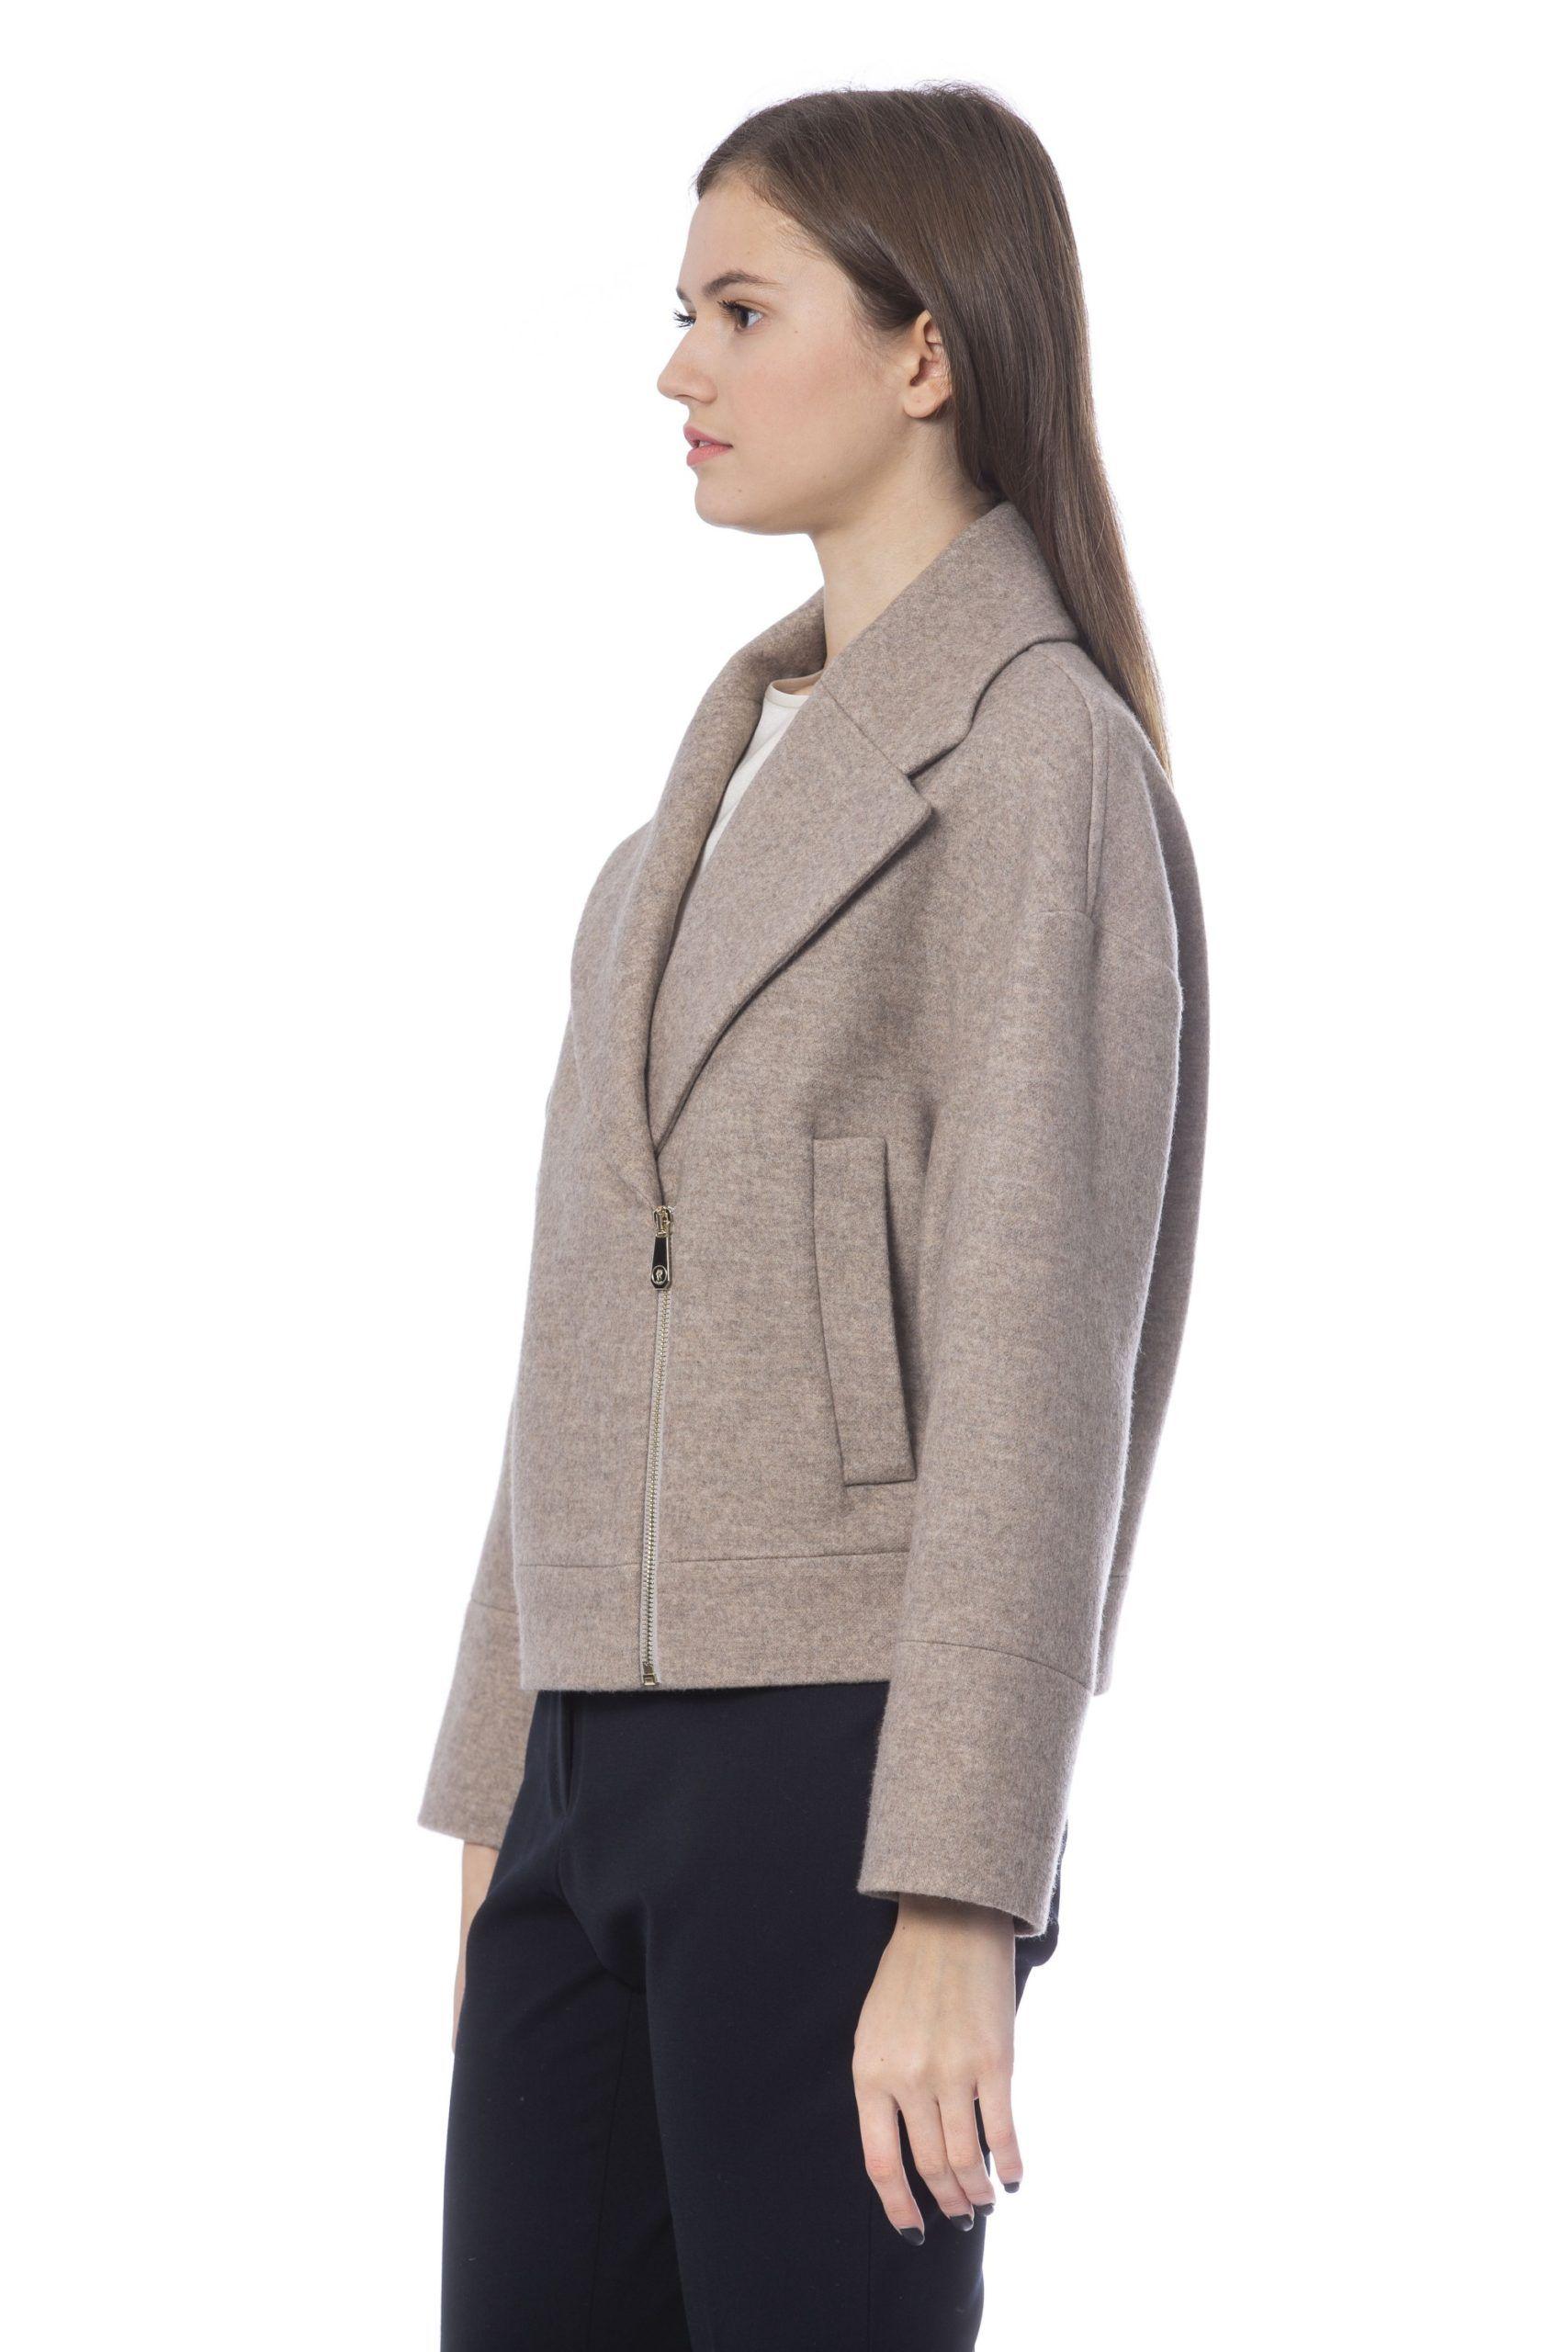 Peserico Beige Jackets & Coat